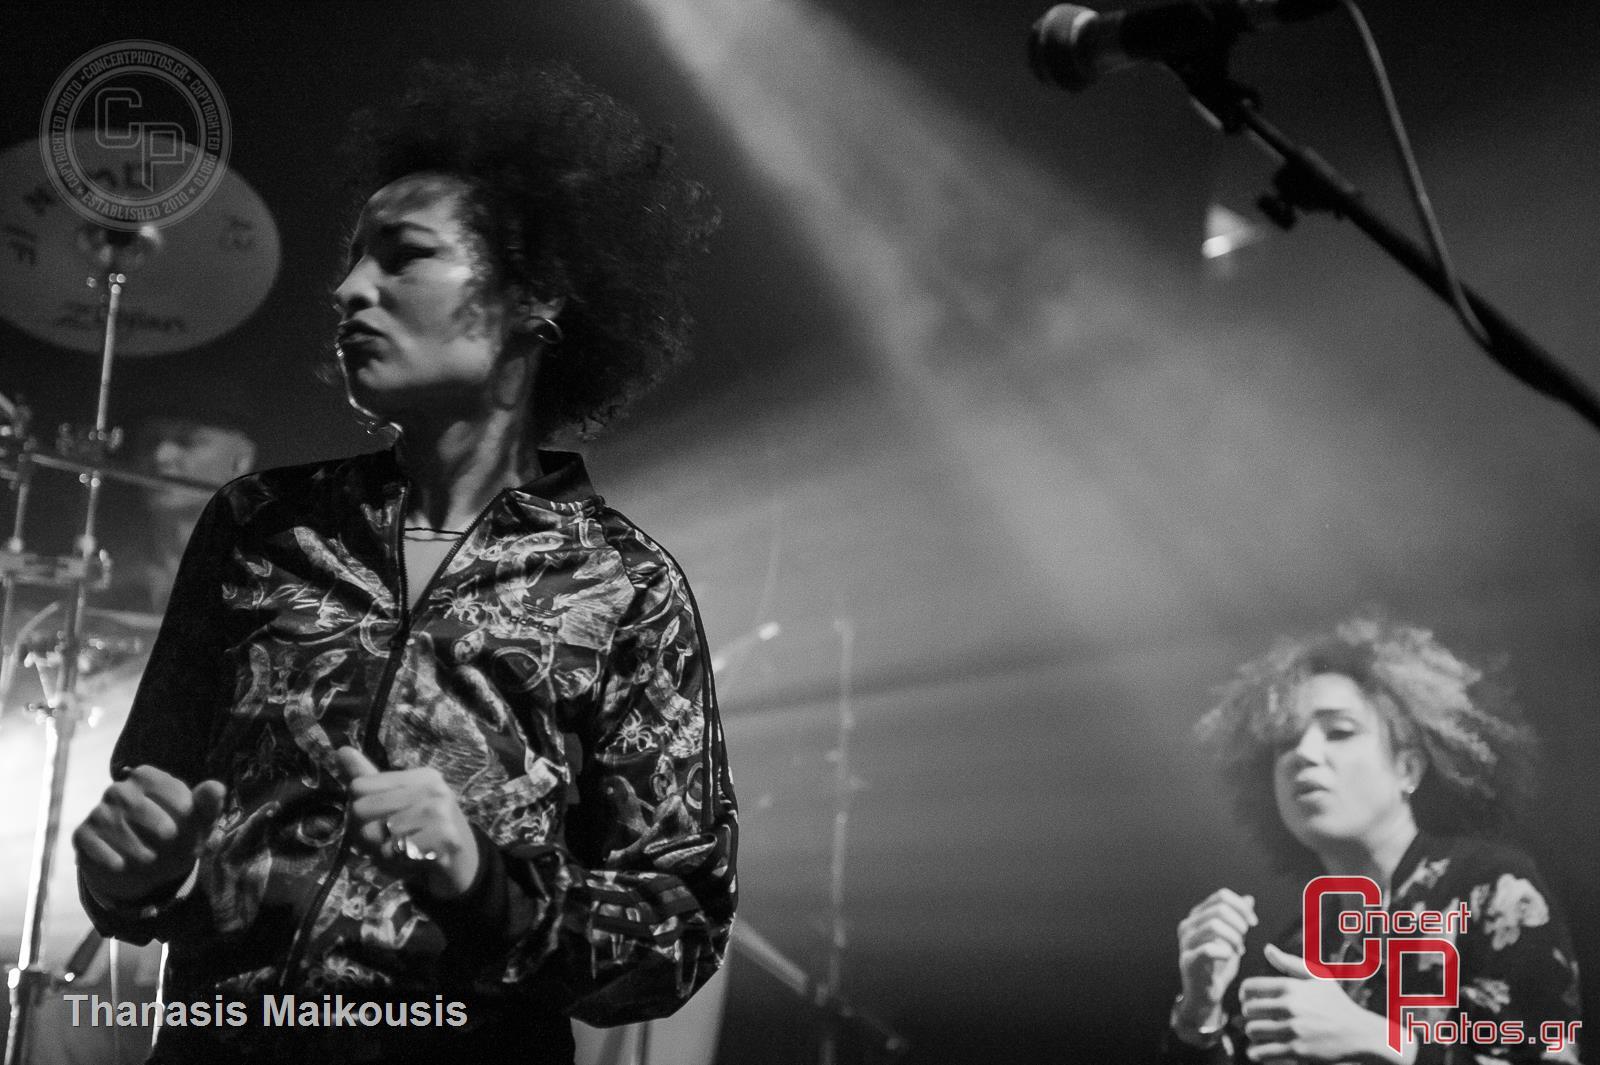 Stereo Mc's-Stereo Mcs photographer: Thanasis Maikousis - ConcertPhotos - 20141129_2306_15